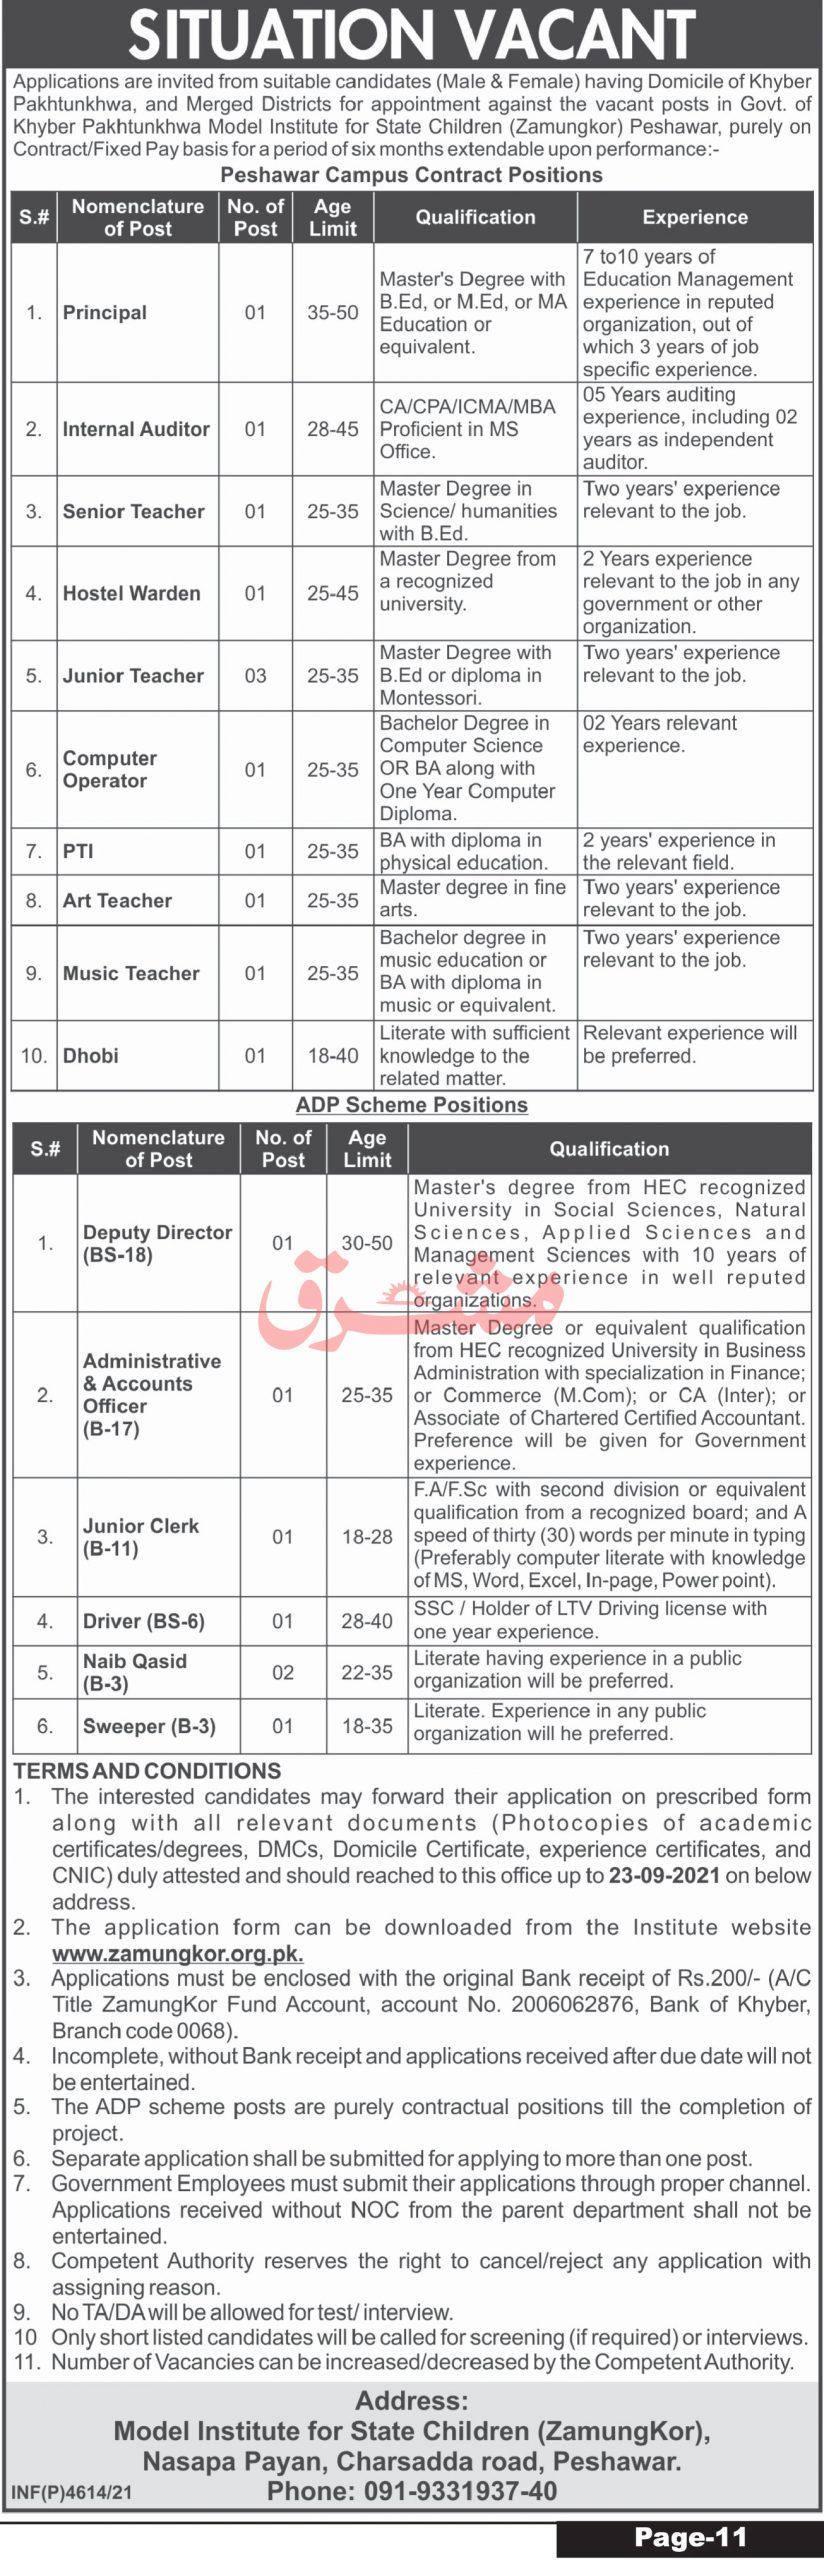 Model Institute of State Children Peshawar Jobs September 2021